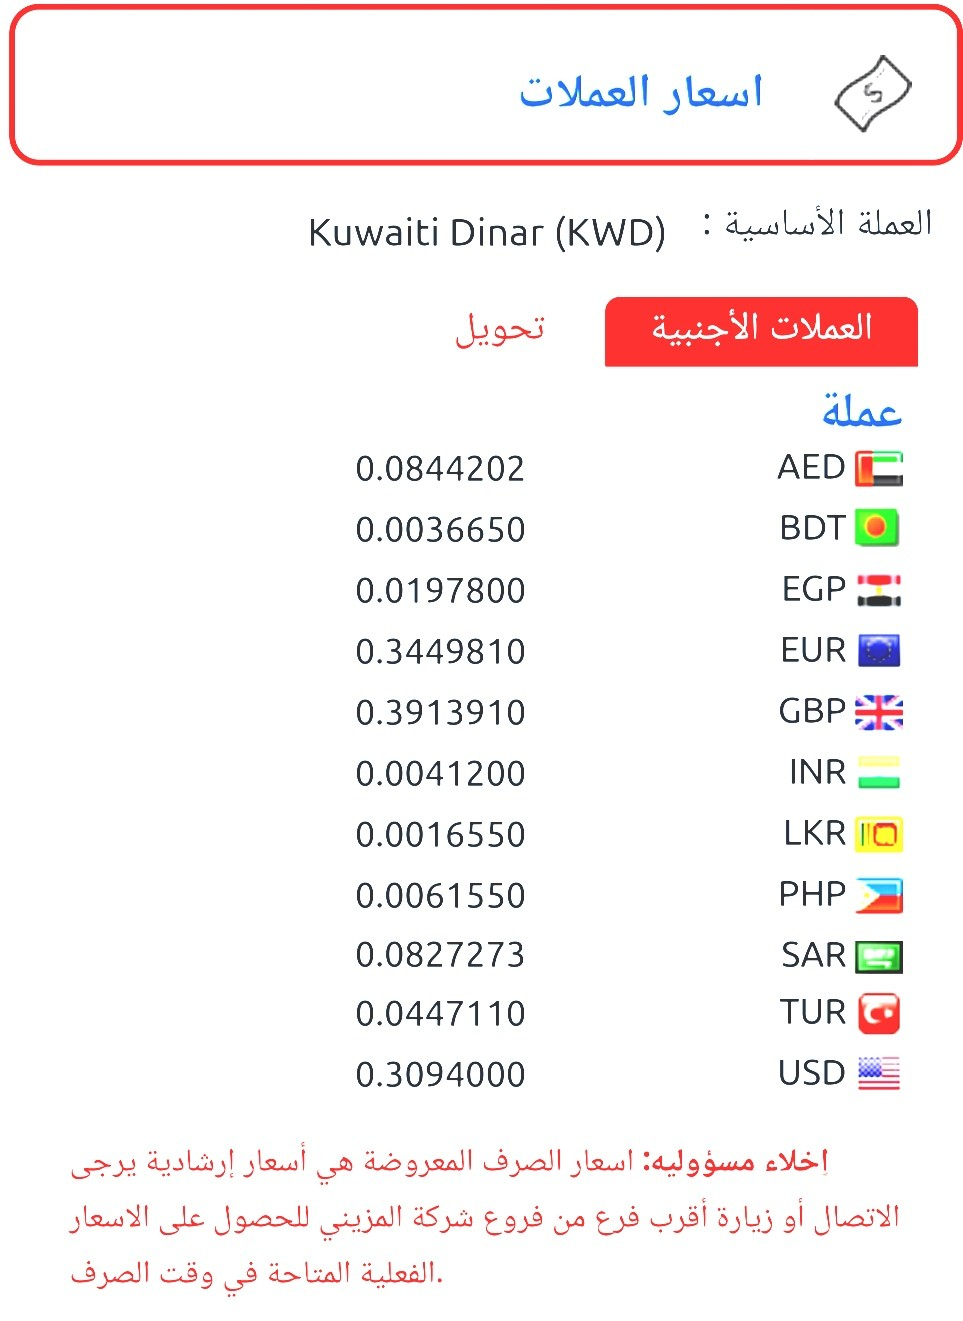 100 دينار كويتي كم مصري المزيني تحويل عملات الاثنين ٤ مايو